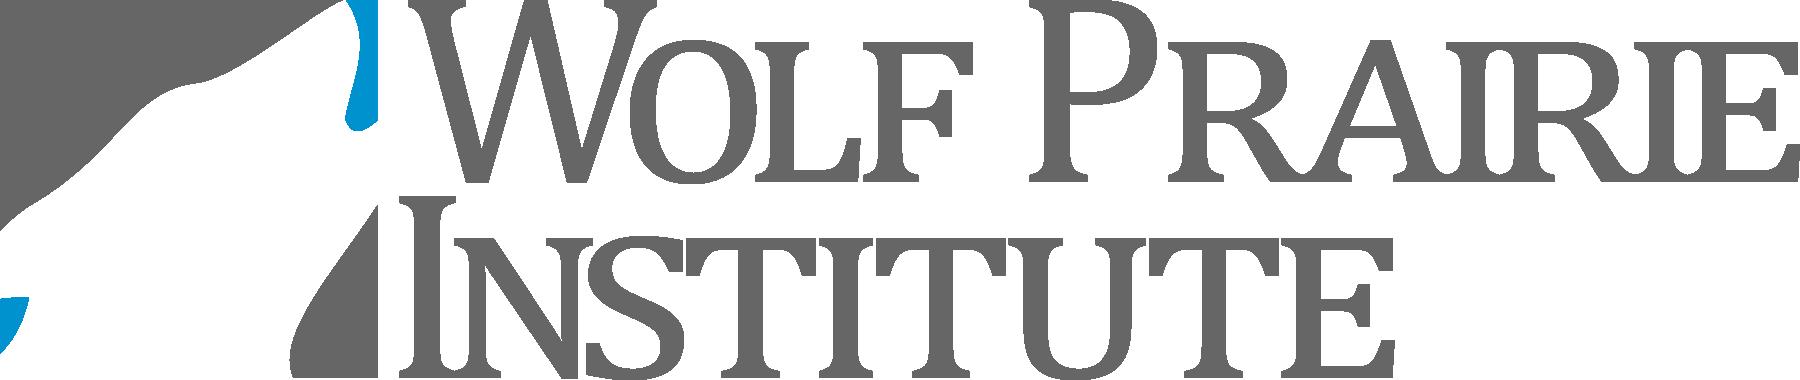 Wolf Prairie Institute Logo